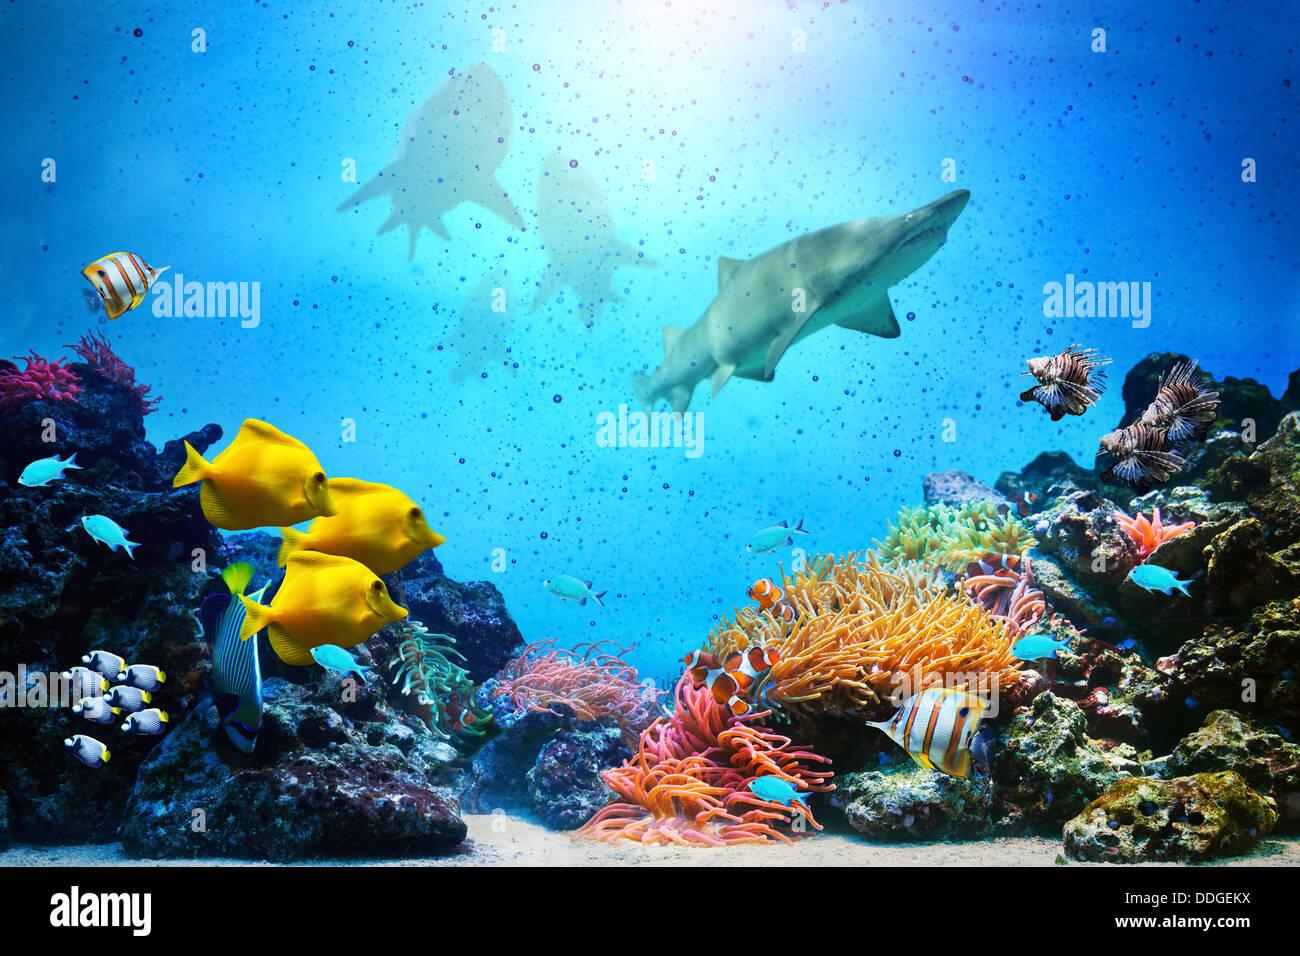 Escena subacuática Imagen De Stock